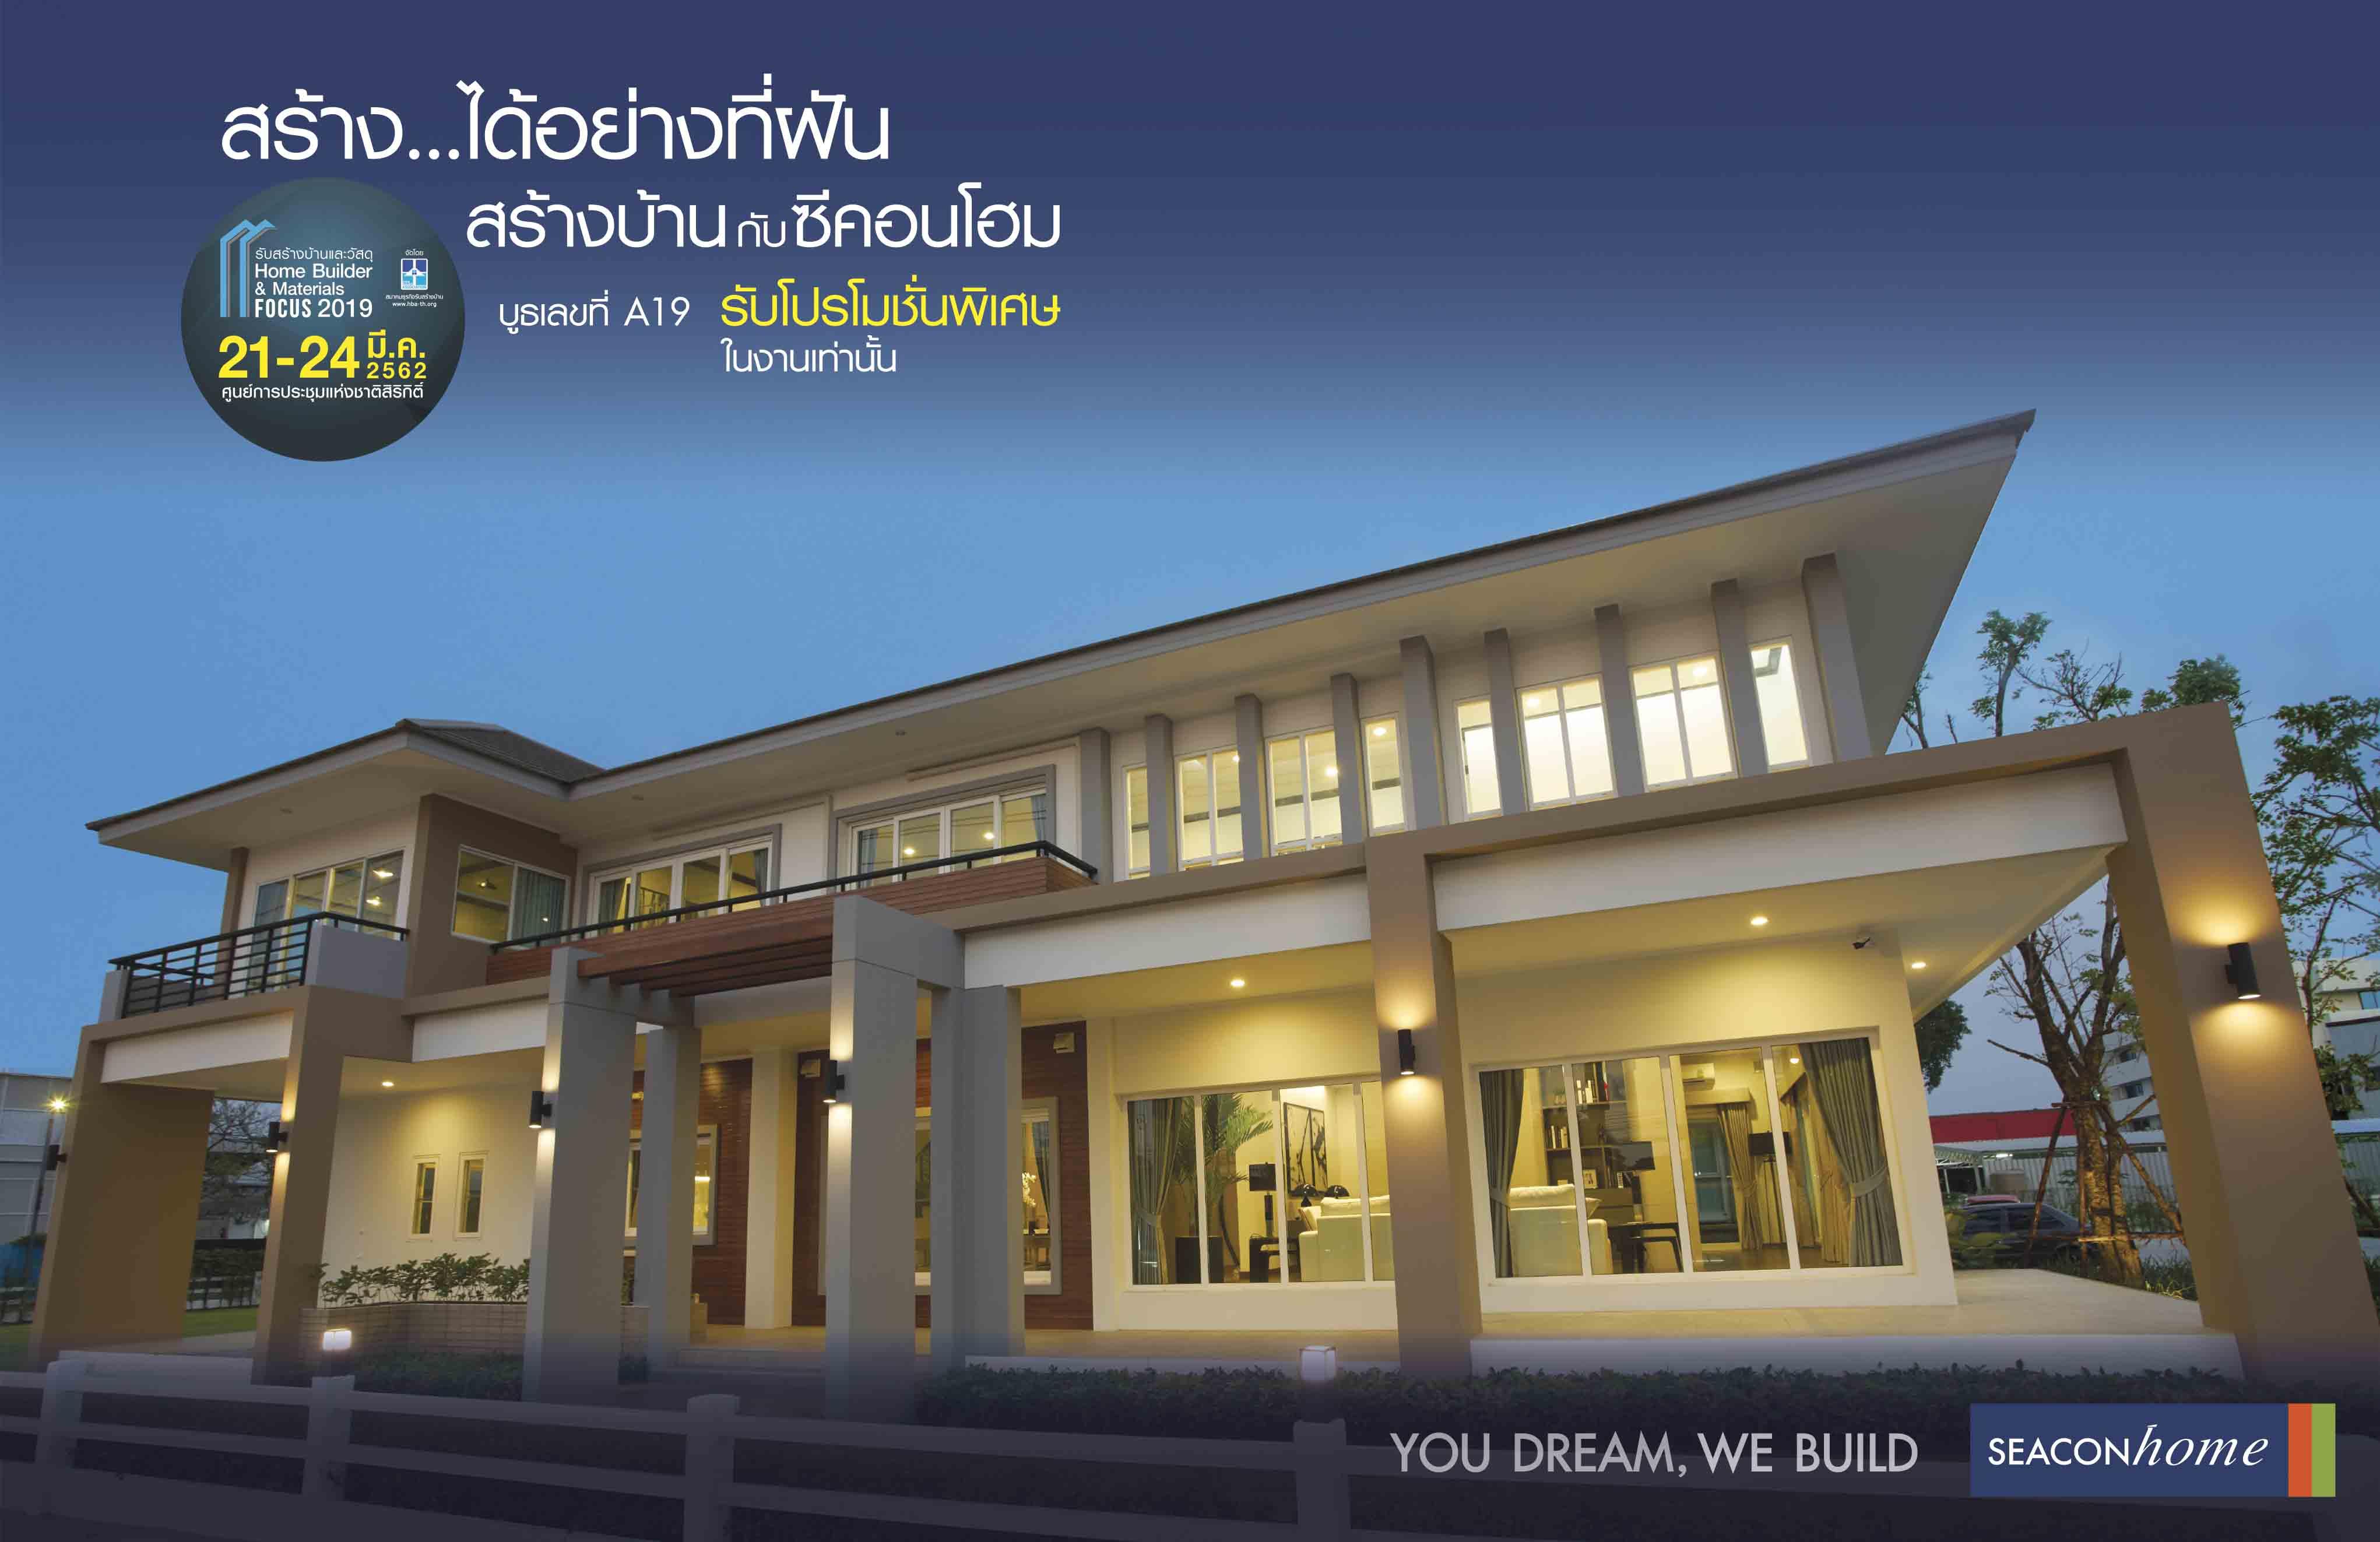 หากคุณฝันอยากสร้างบ้าน